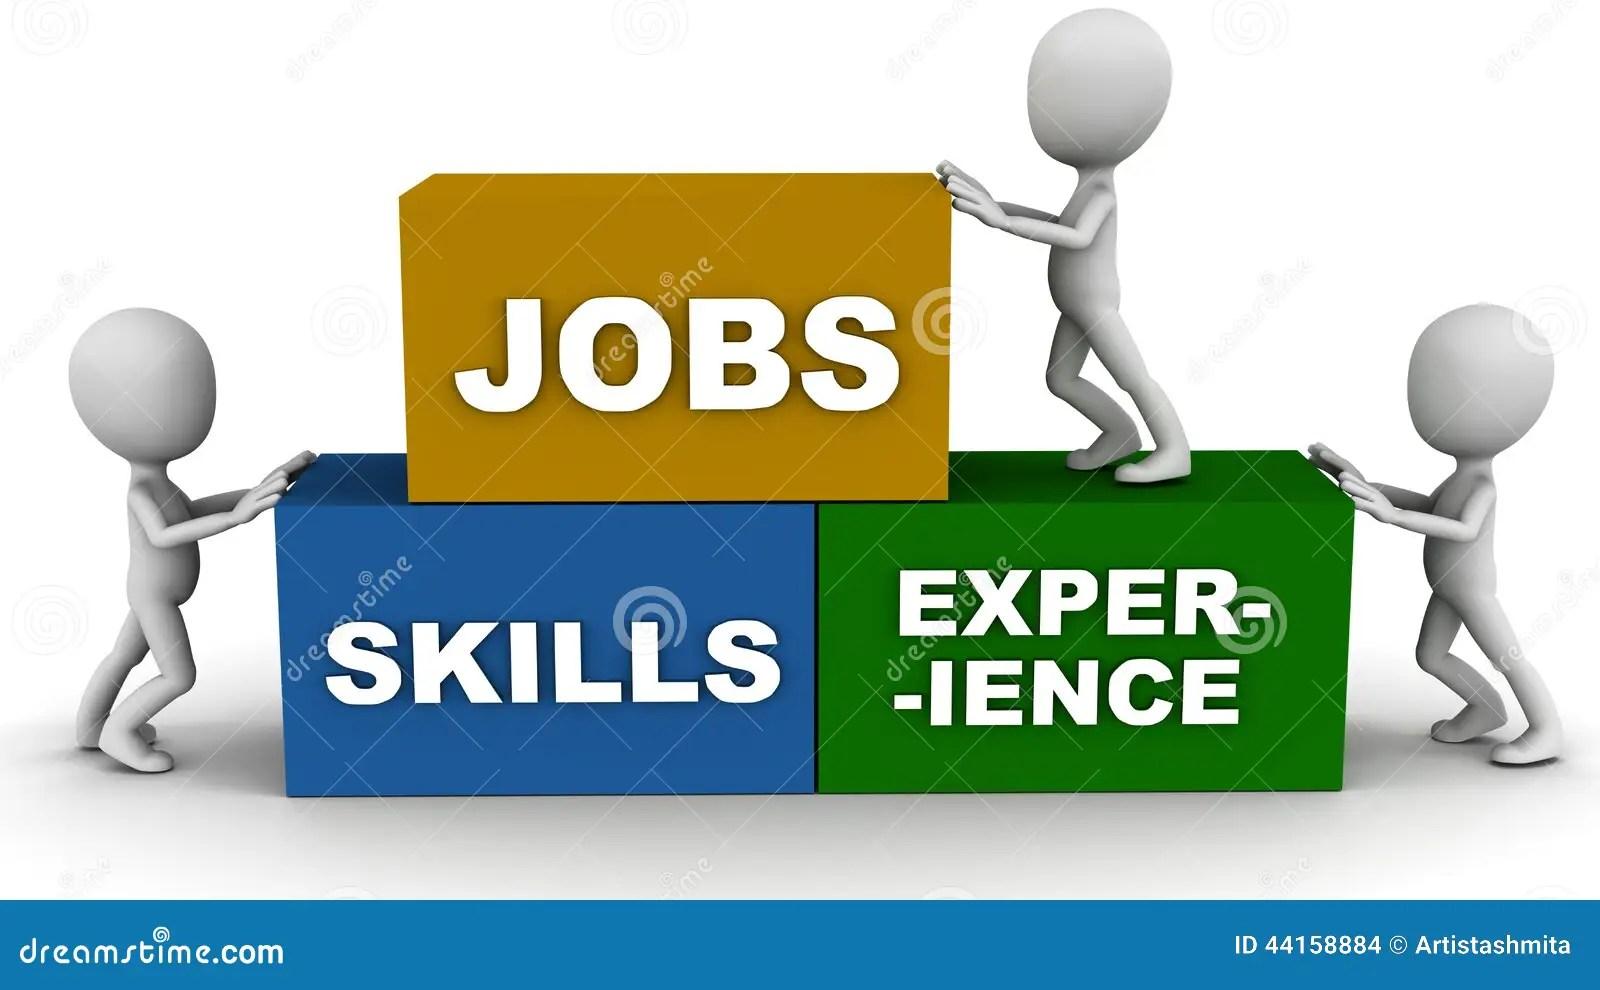 jobs skills tk jobs skills